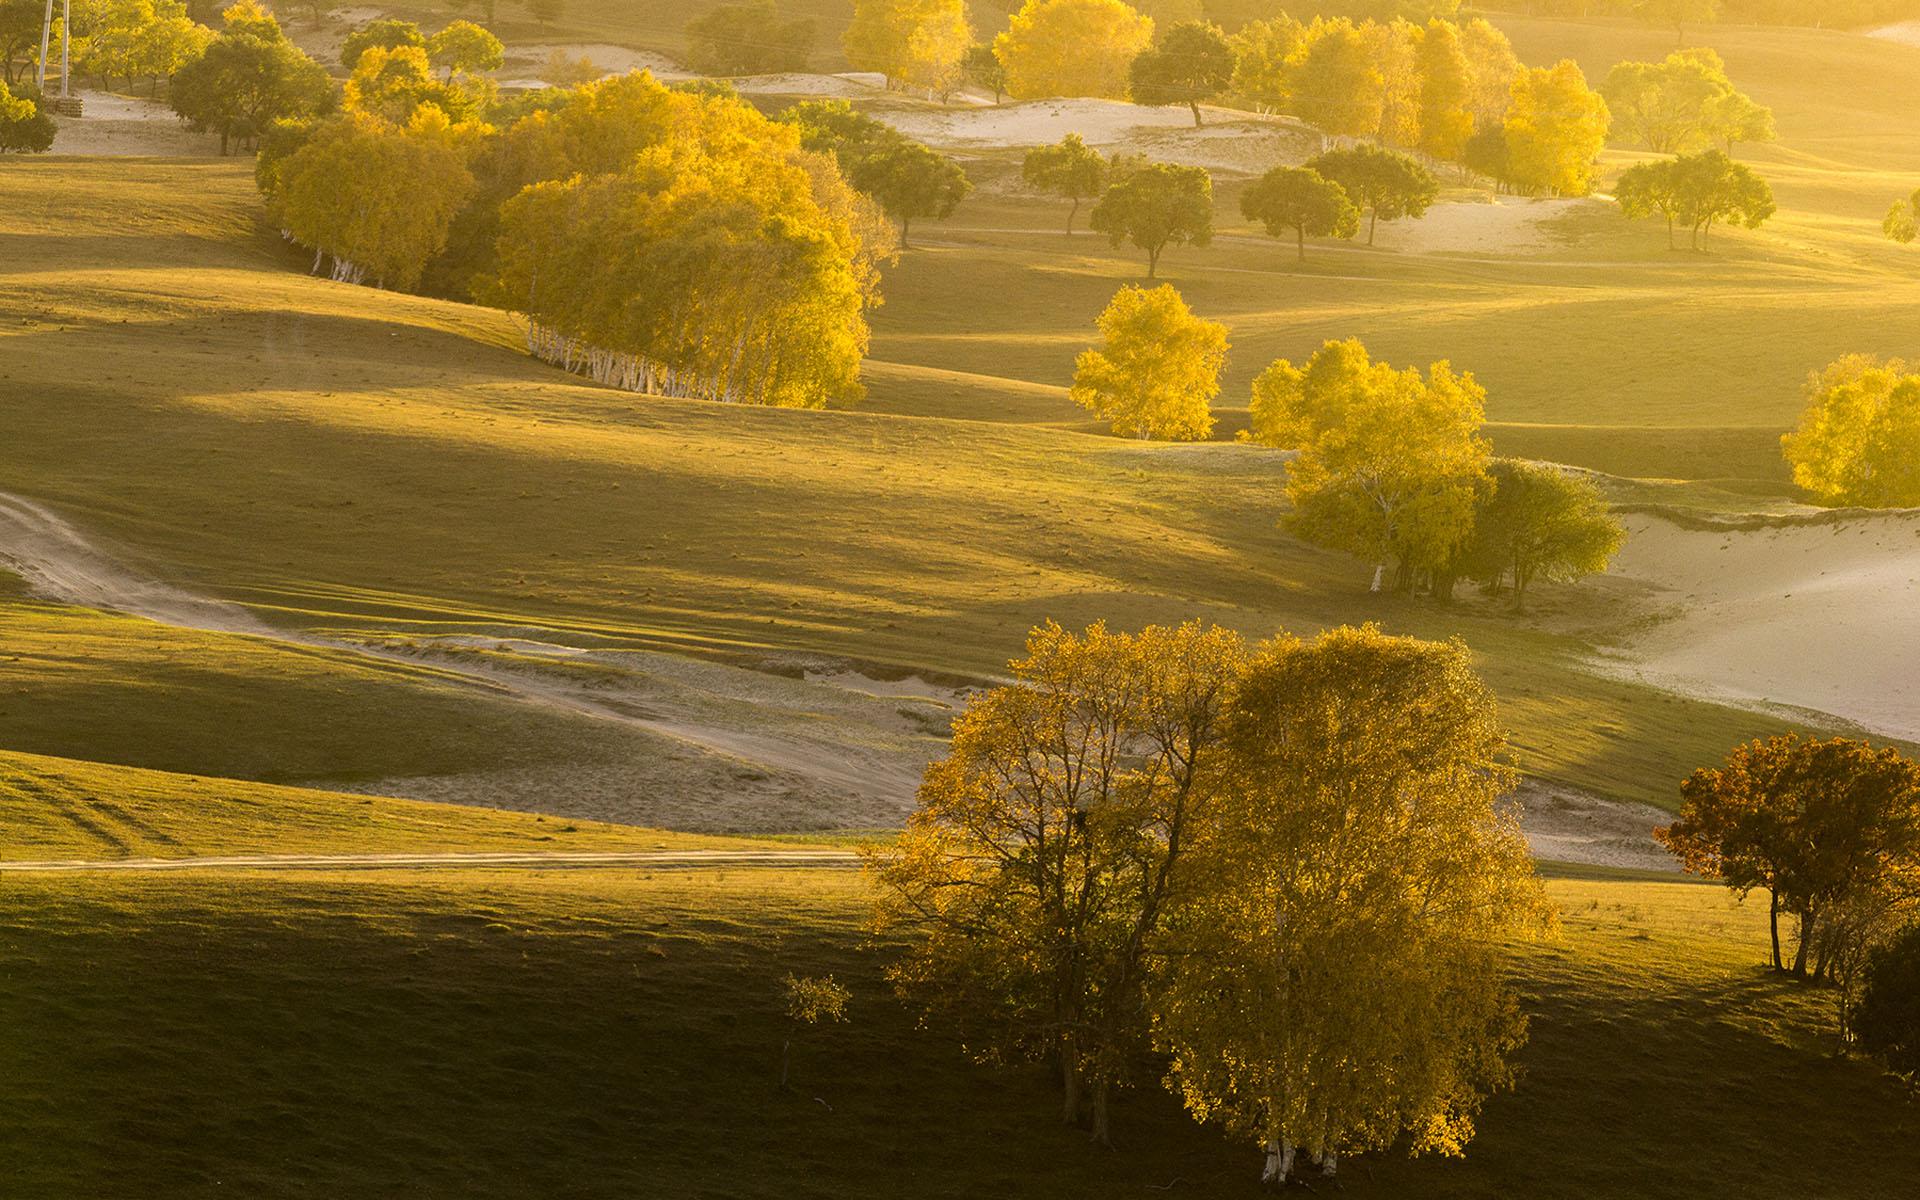 夏季旅游好去处_河北坝上草原优美风景壁纸_桌面壁纸_mm4000图片大全